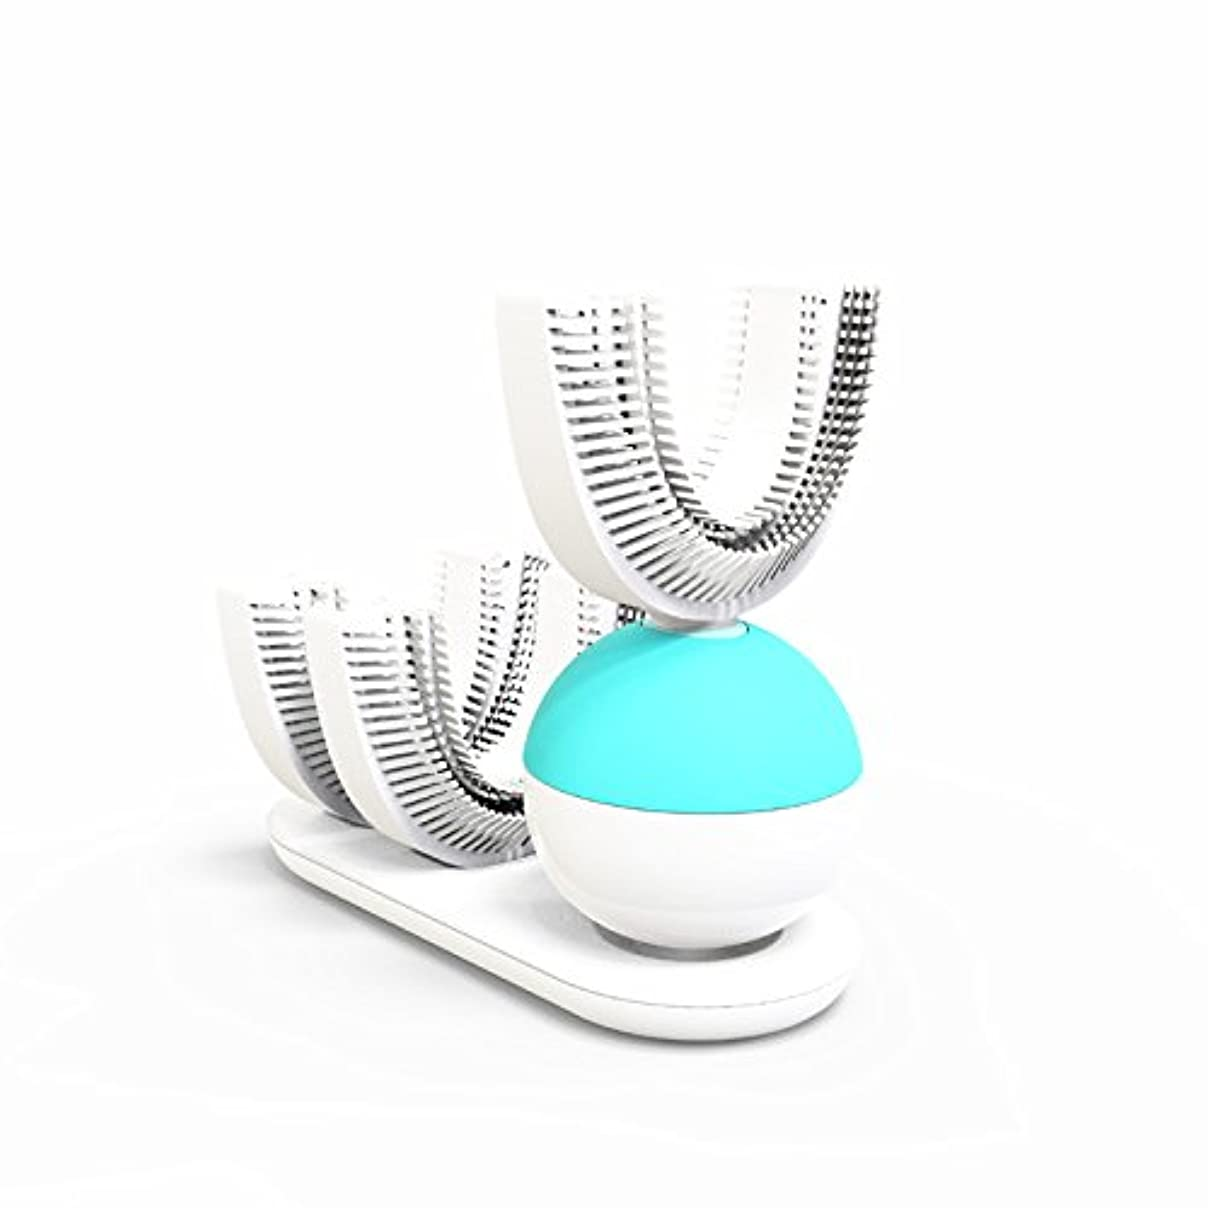 心臓滑る南方の怠け者牙刷-電動 U型 超音波 専門370°全方位 自動歯ブラシ ワイヤレス充電 成人 怠け者 ユニークなU字型のマウスピース わずか10秒で歯磨き 自動バブル 2本の歯ブラシヘッド付き あなたの手を解放 磁気吸引接続...